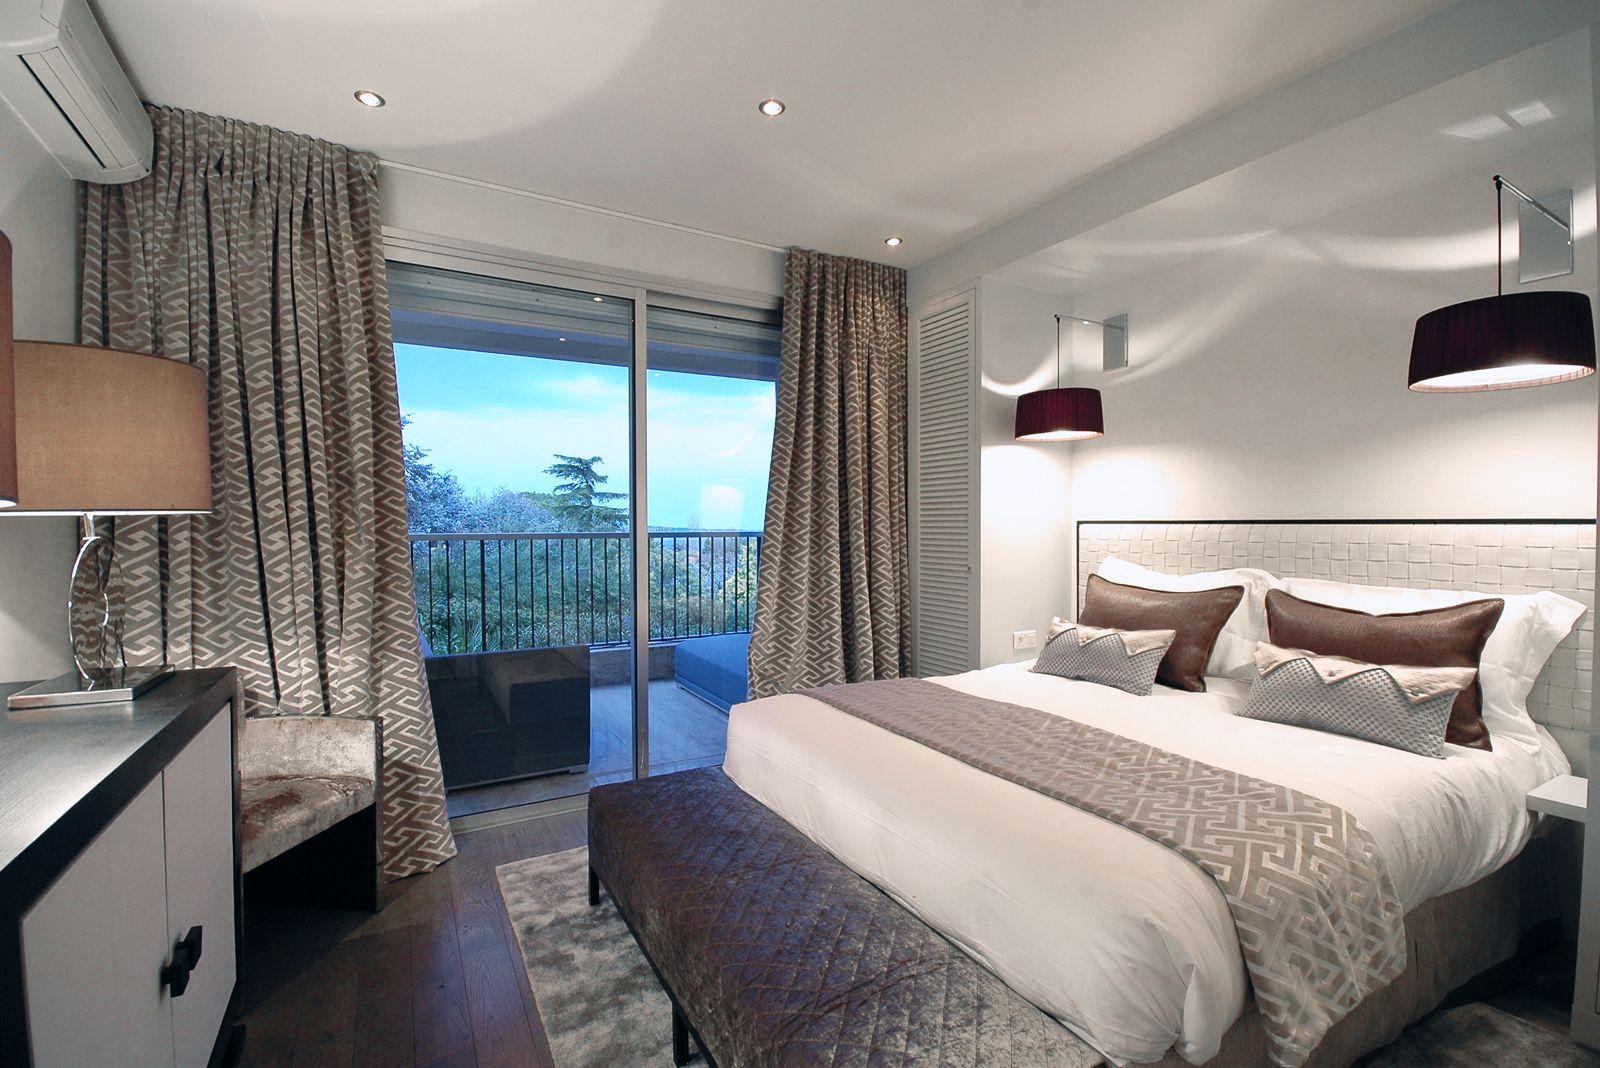 decorateur interieur cannes design d espaces r novation salle d eau design d espaces avec. Black Bedroom Furniture Sets. Home Design Ideas